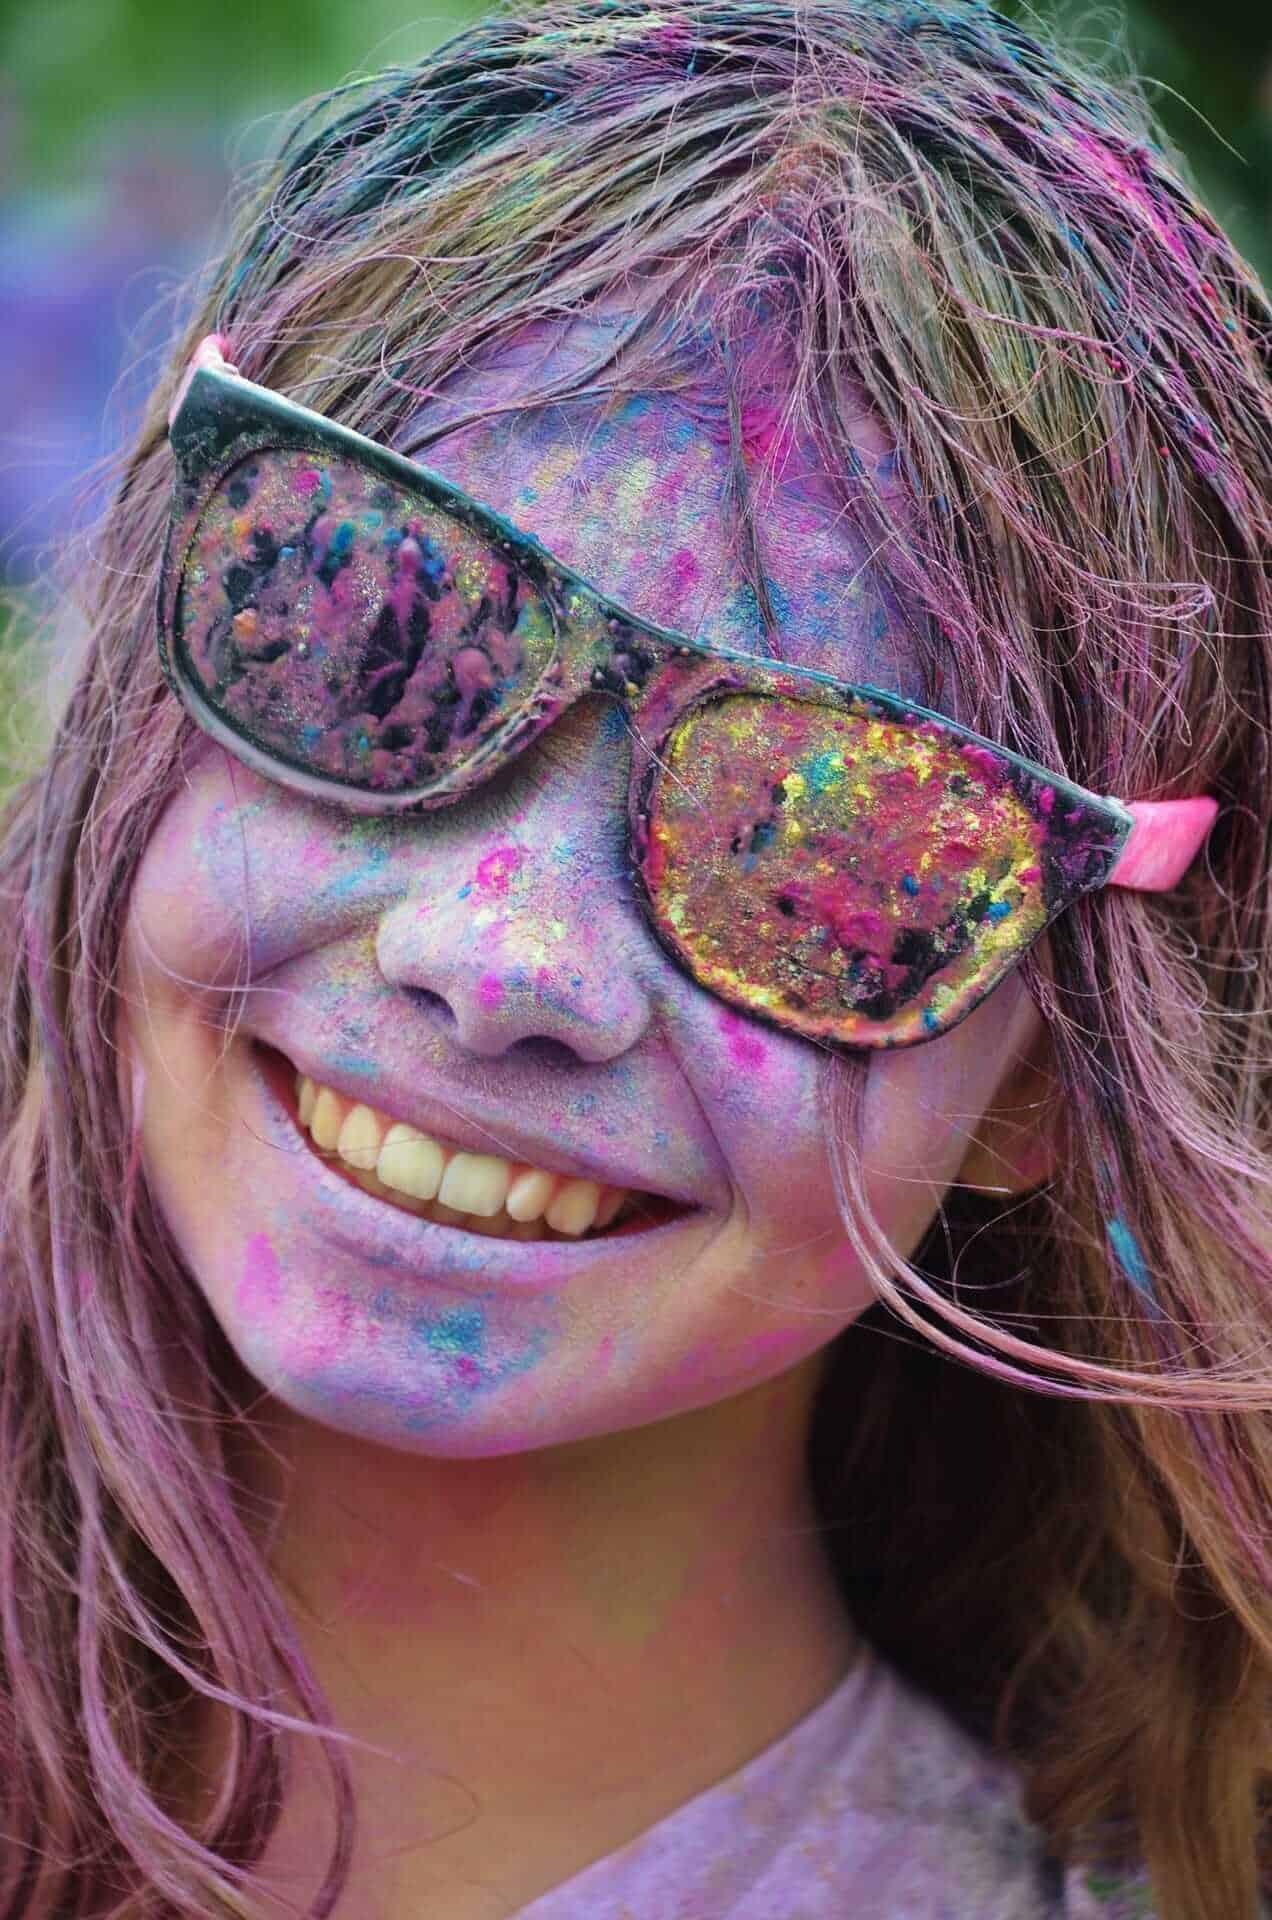 Girl celebrating Holi